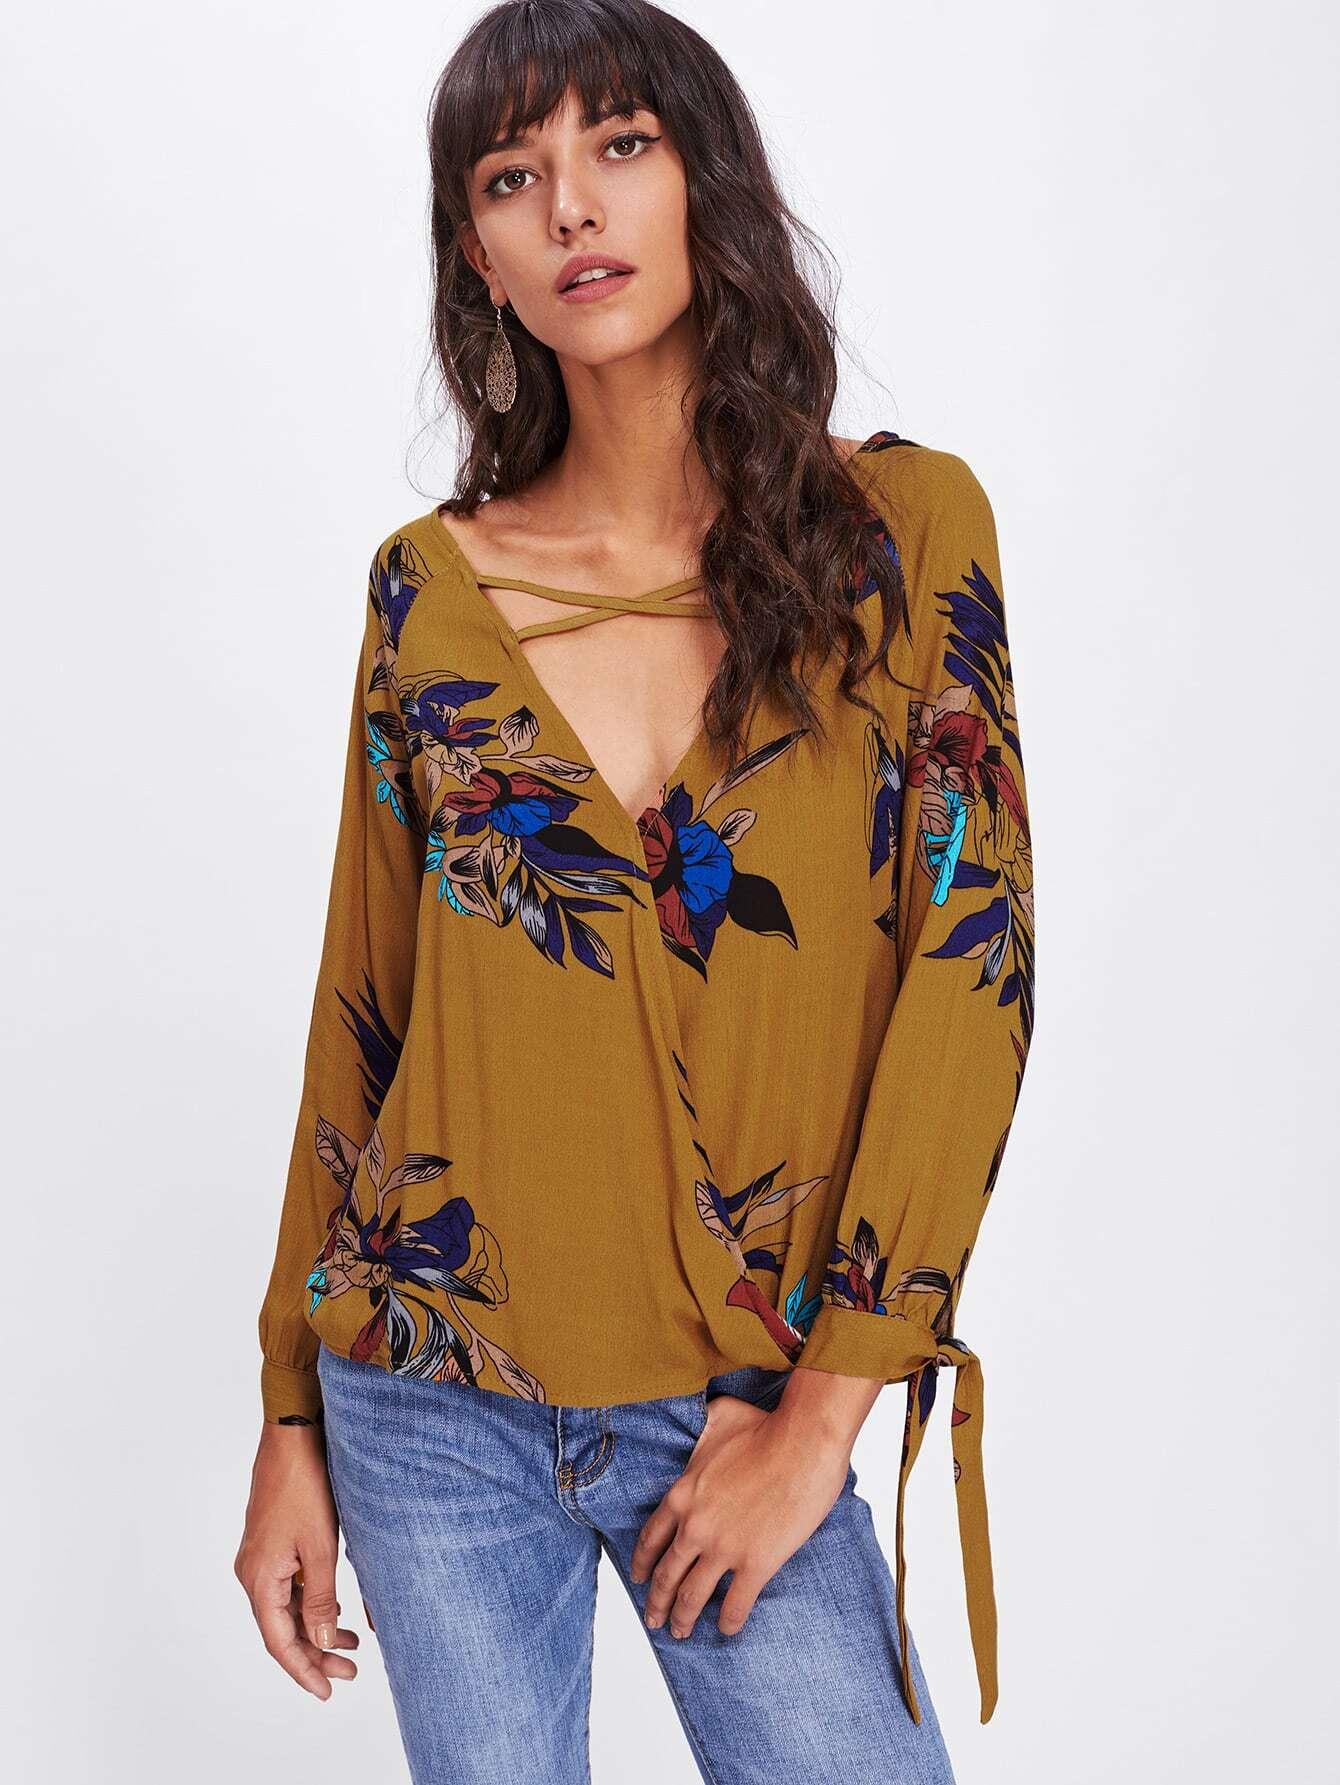 Surplice Neckline Crisscross Tie Cuff Blouse crisscross surplice neckline tie detail tropical print blouse